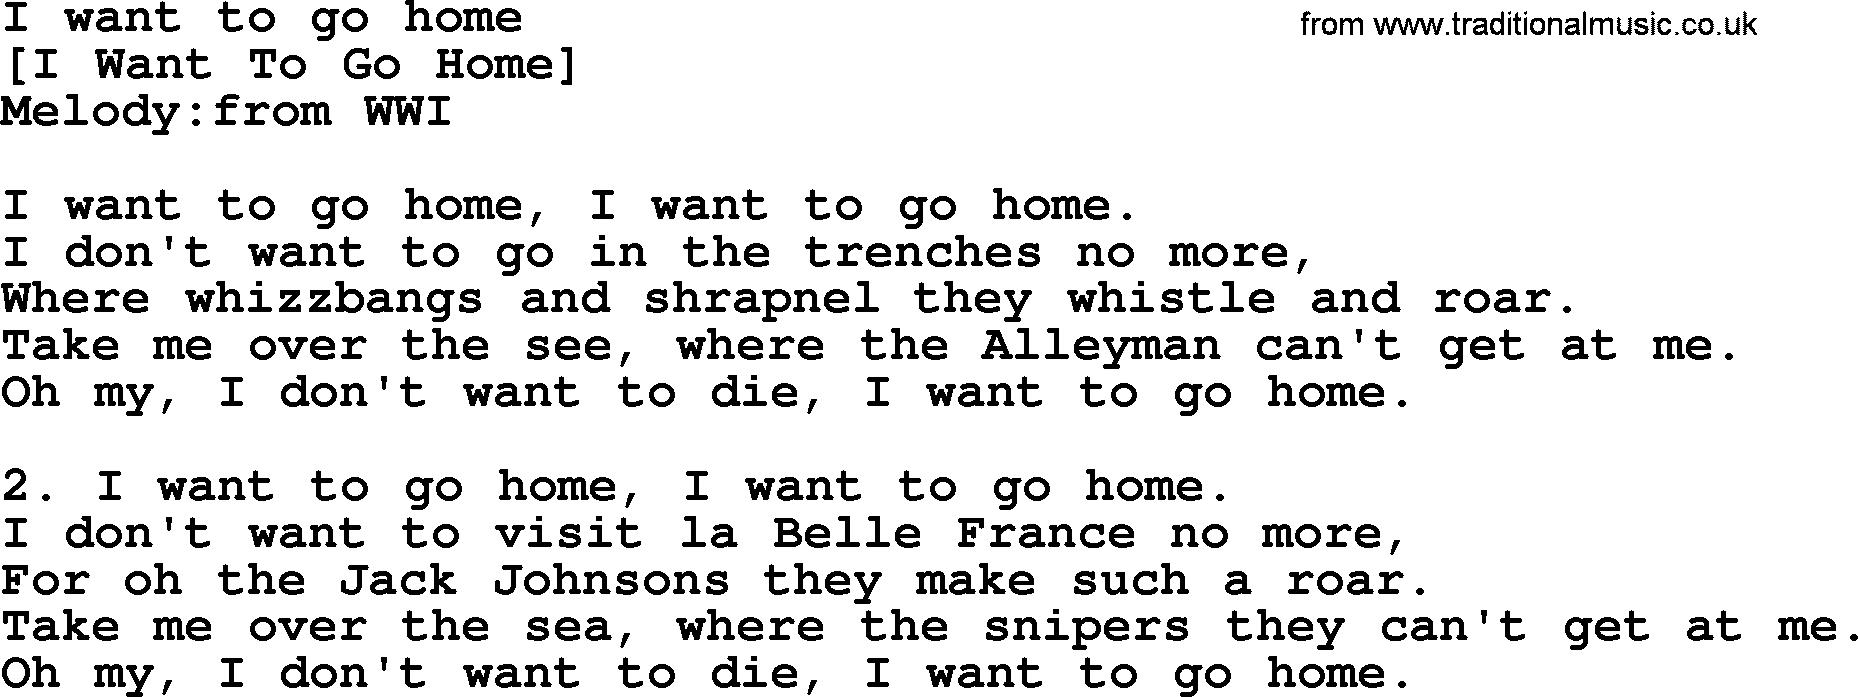 old english song lyrics